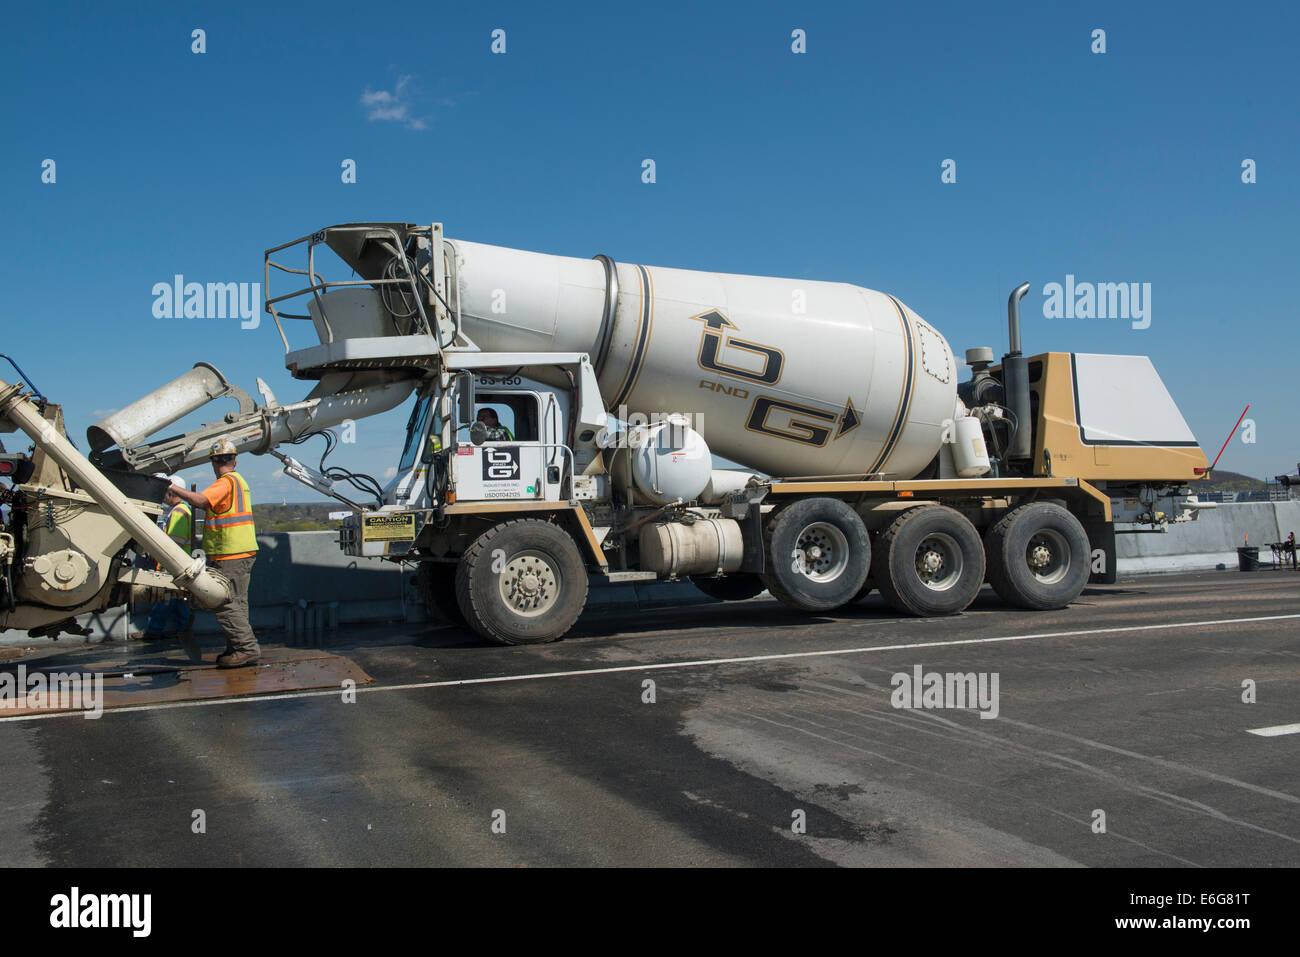 Betonmischer verbindet, Zement, Kies oder Sand und Wasser zu konkretisieren auf i-95 Crossing Hafenprojekt in New Haven, CT. Stockfoto